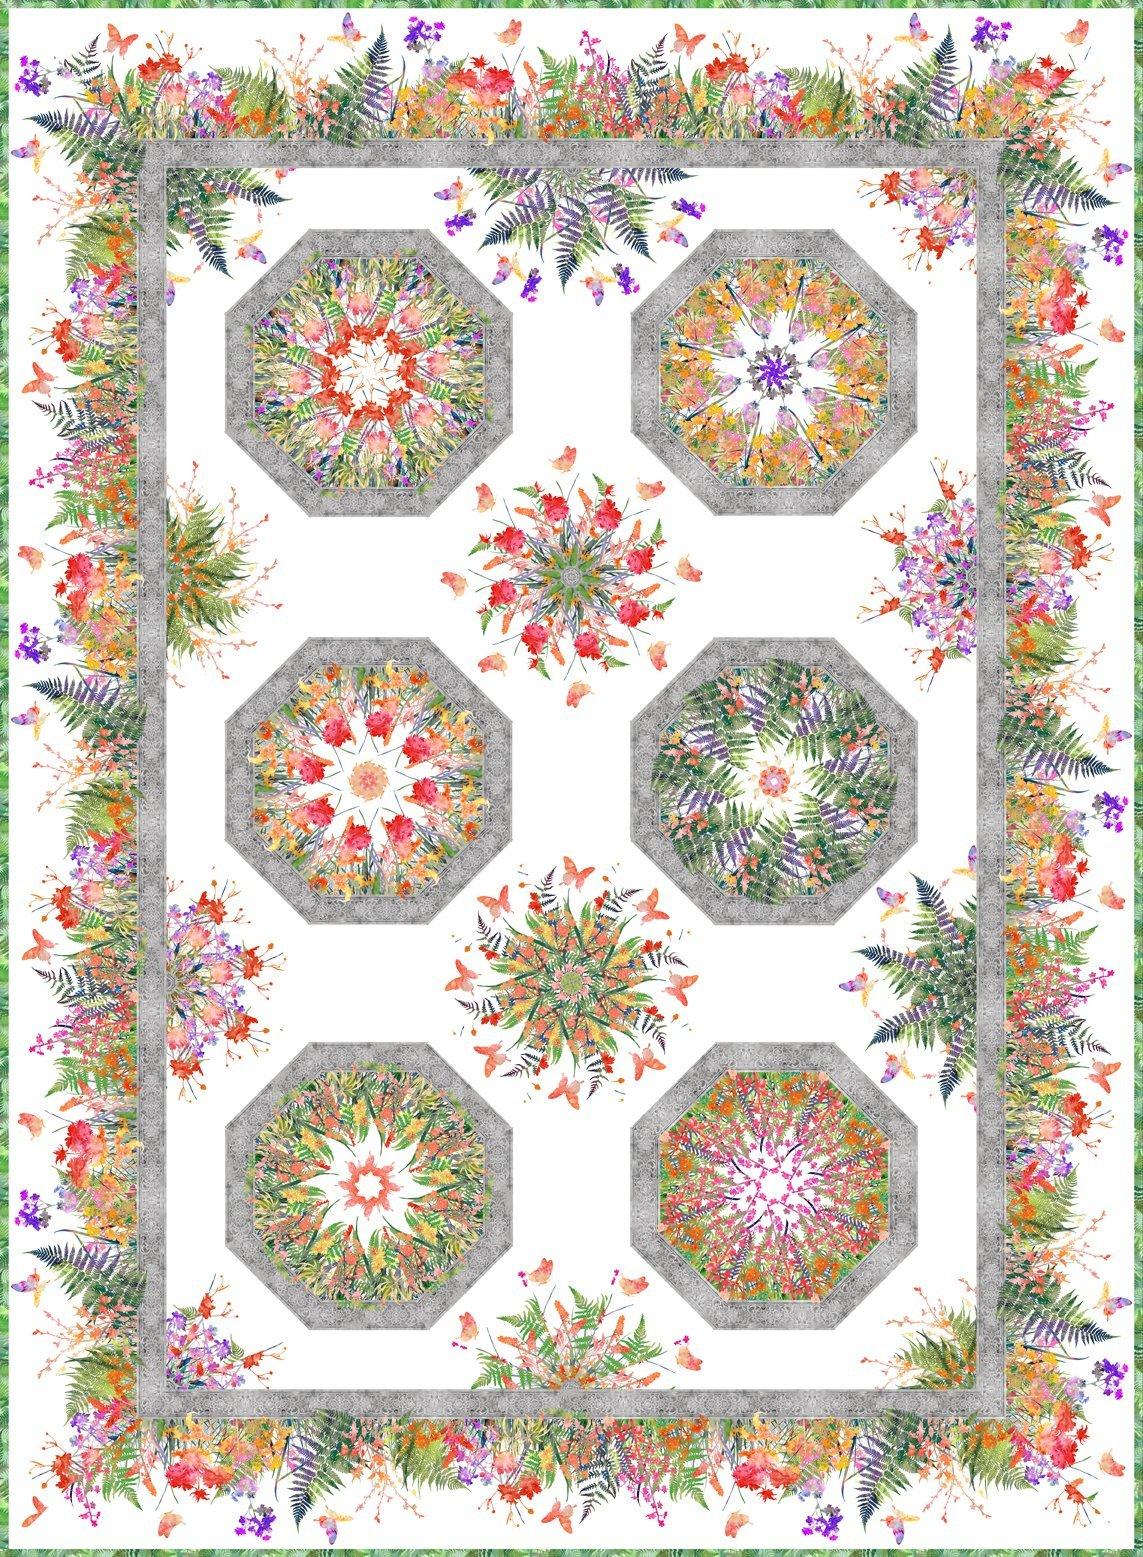 ITB19 Garden of Dreams Kaleidoscope Quilt Kit